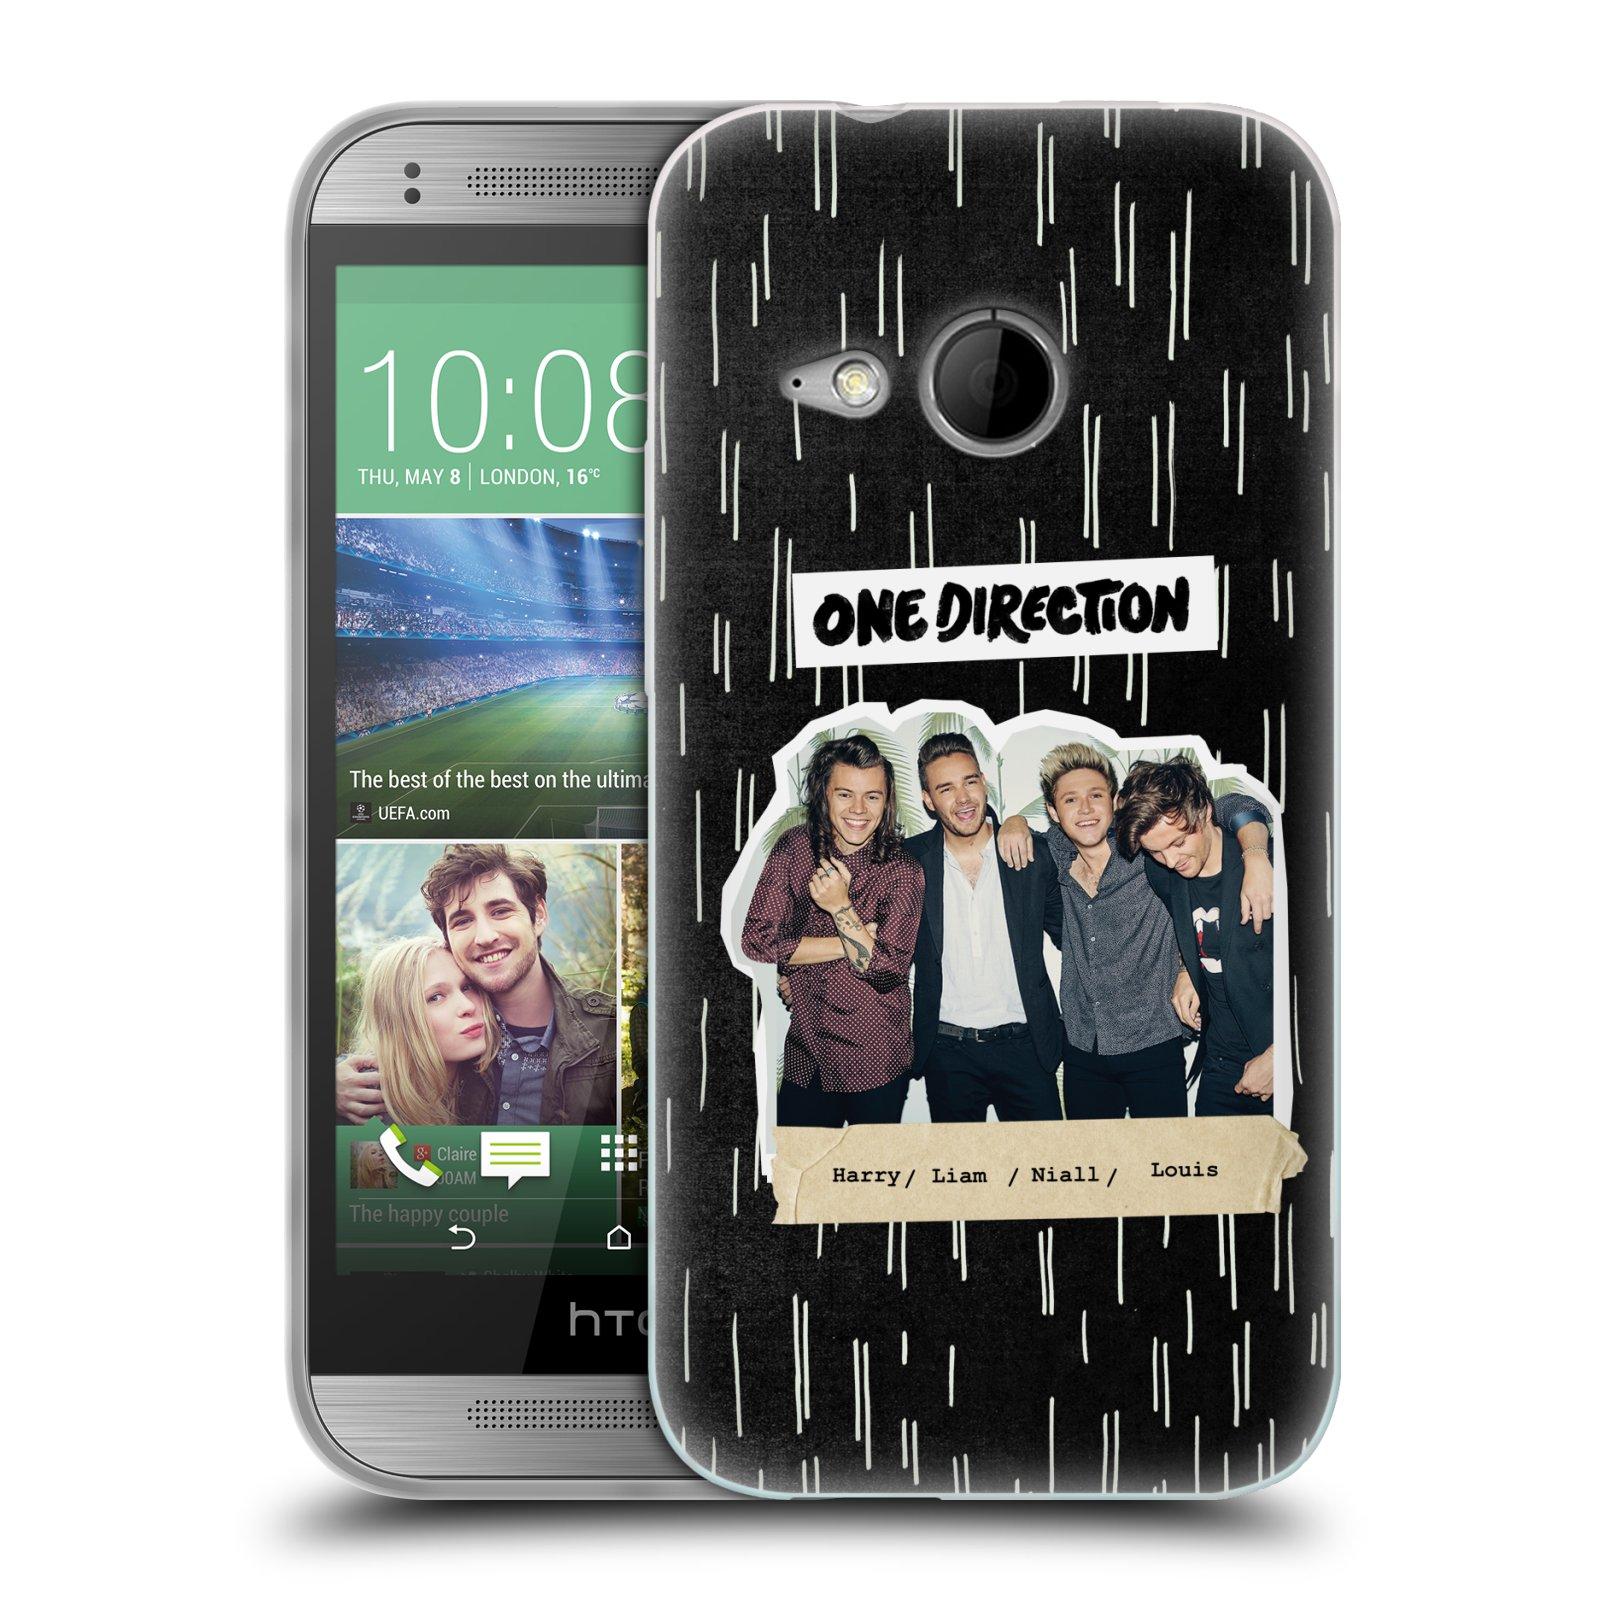 Silikonové pouzdro na mobil HTC ONE Mini 2 HEAD CASE One Direction - Sticker Partička (Silikonový kryt či obal One Direction Official na mobilní telefon HTC ONE Mini 2)